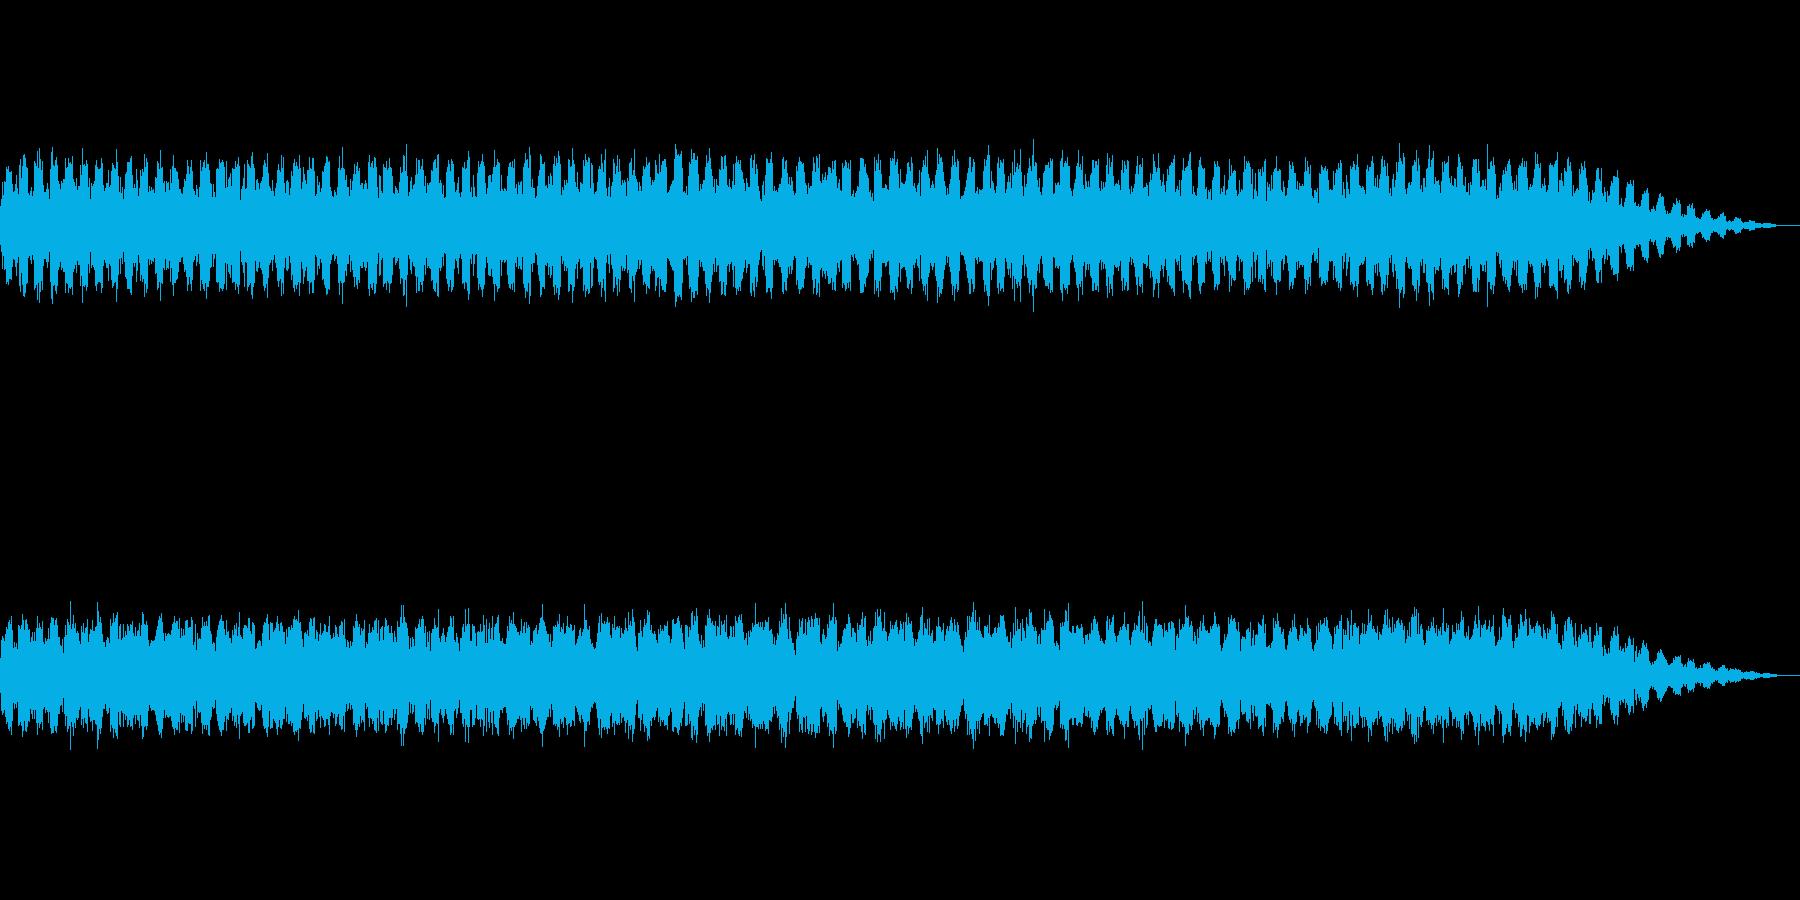 【生録音】美しい秋の虫の鳴き声 2019の再生済みの波形